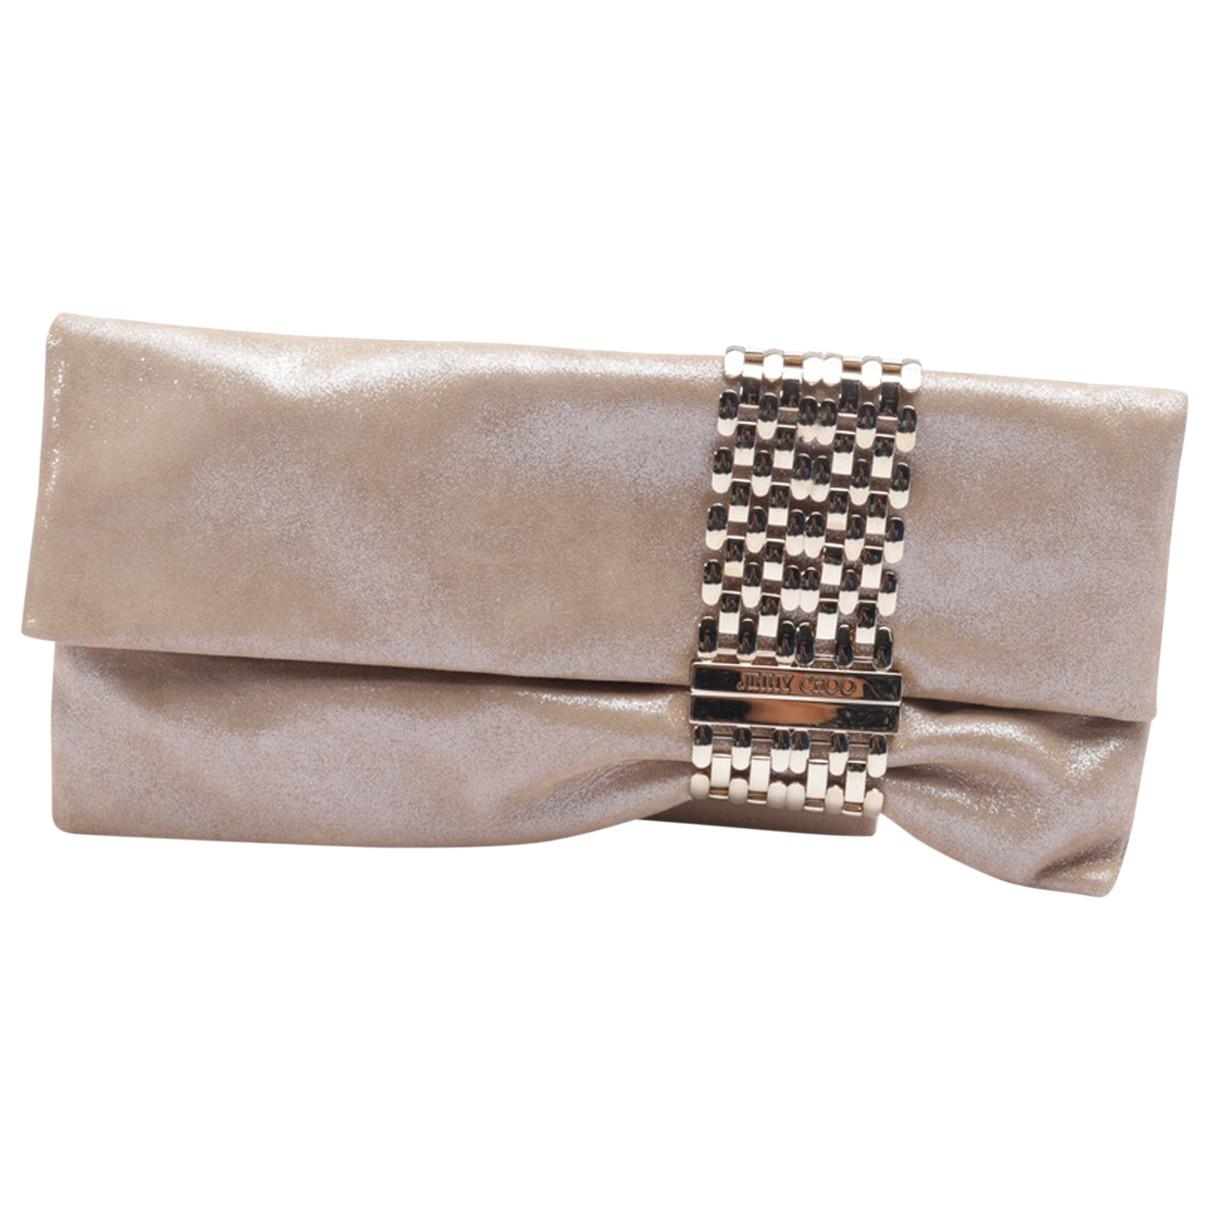 Jimmy Choo \N Beige Leather Clutch bag for Women \N